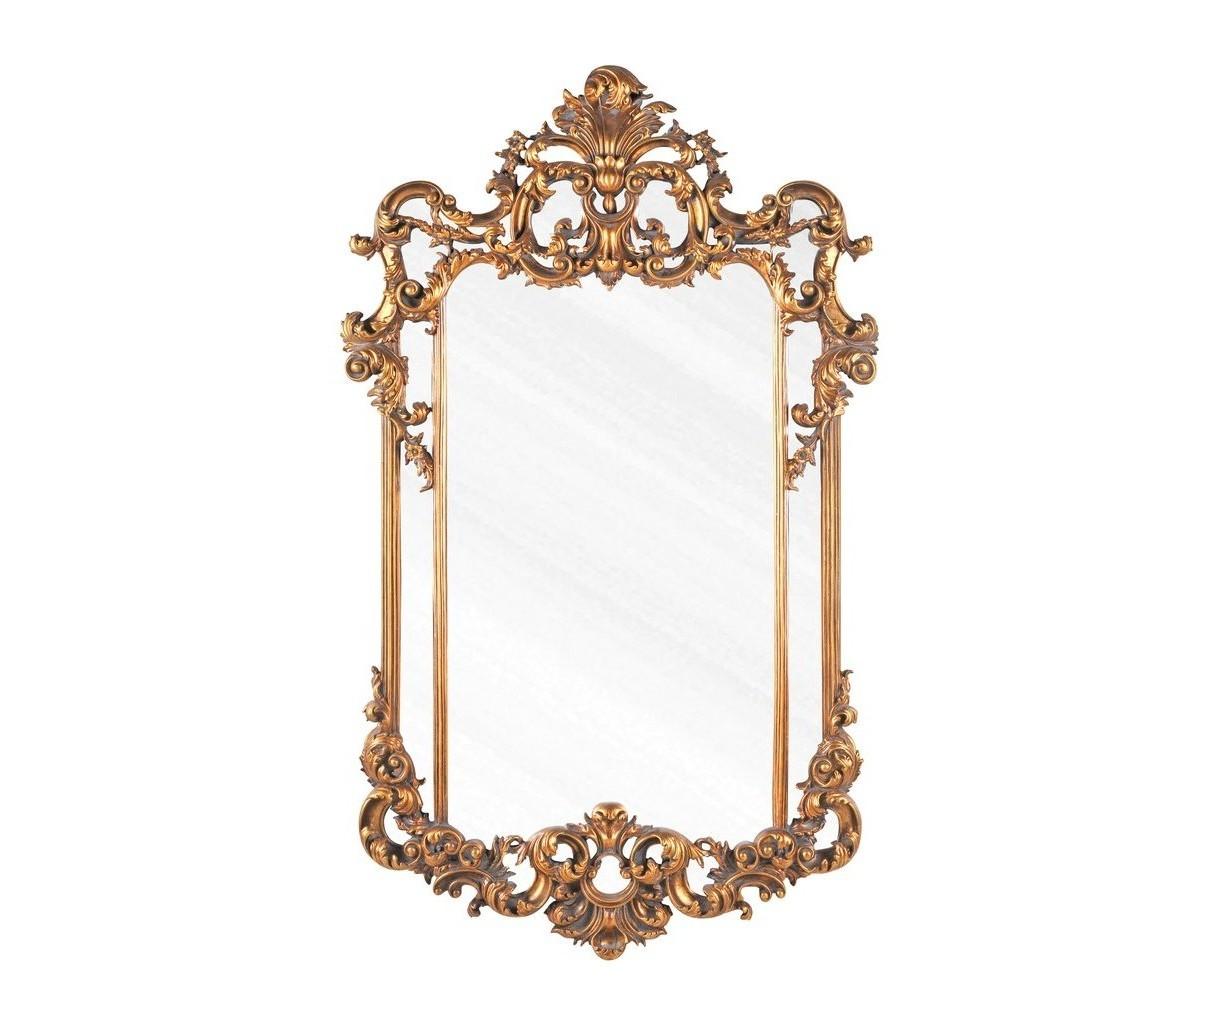 Зеркало ШерманНастенные зеркала<br>Крепления входят в стоимость.<br><br>Material: Пластик<br>Ширина см: 75<br>Высота см: 124<br>Глубина см: 3